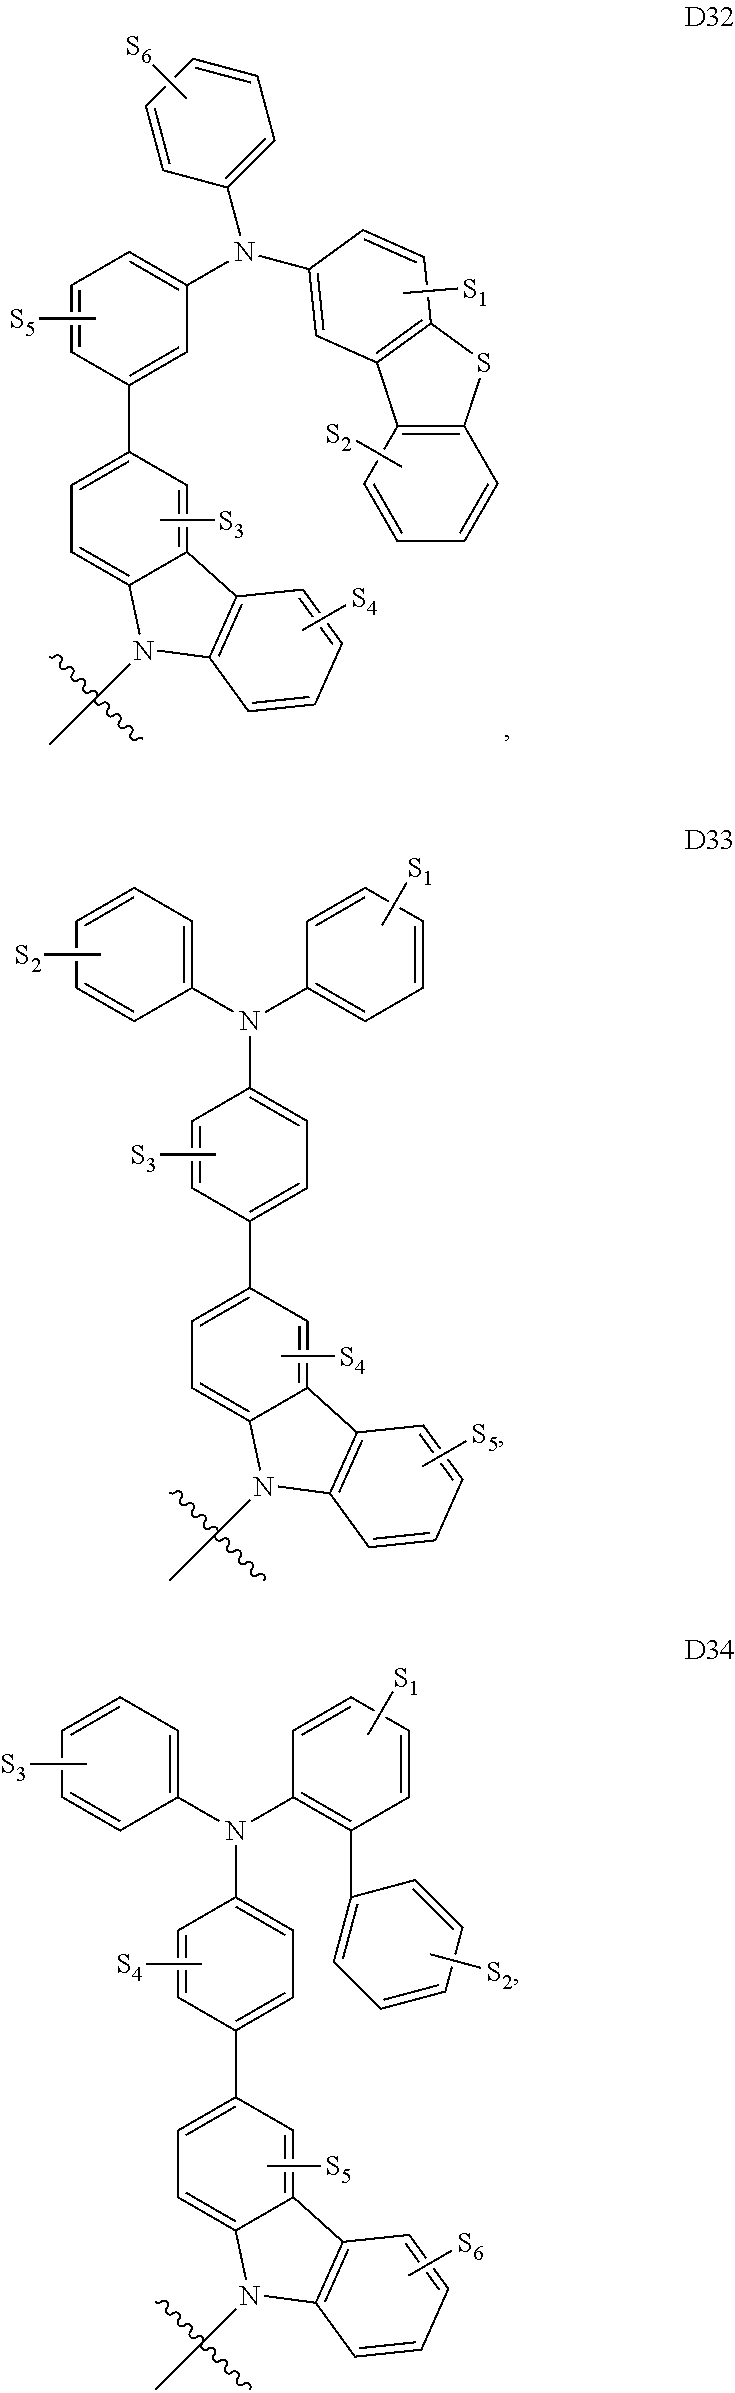 Figure US09324949-20160426-C00013